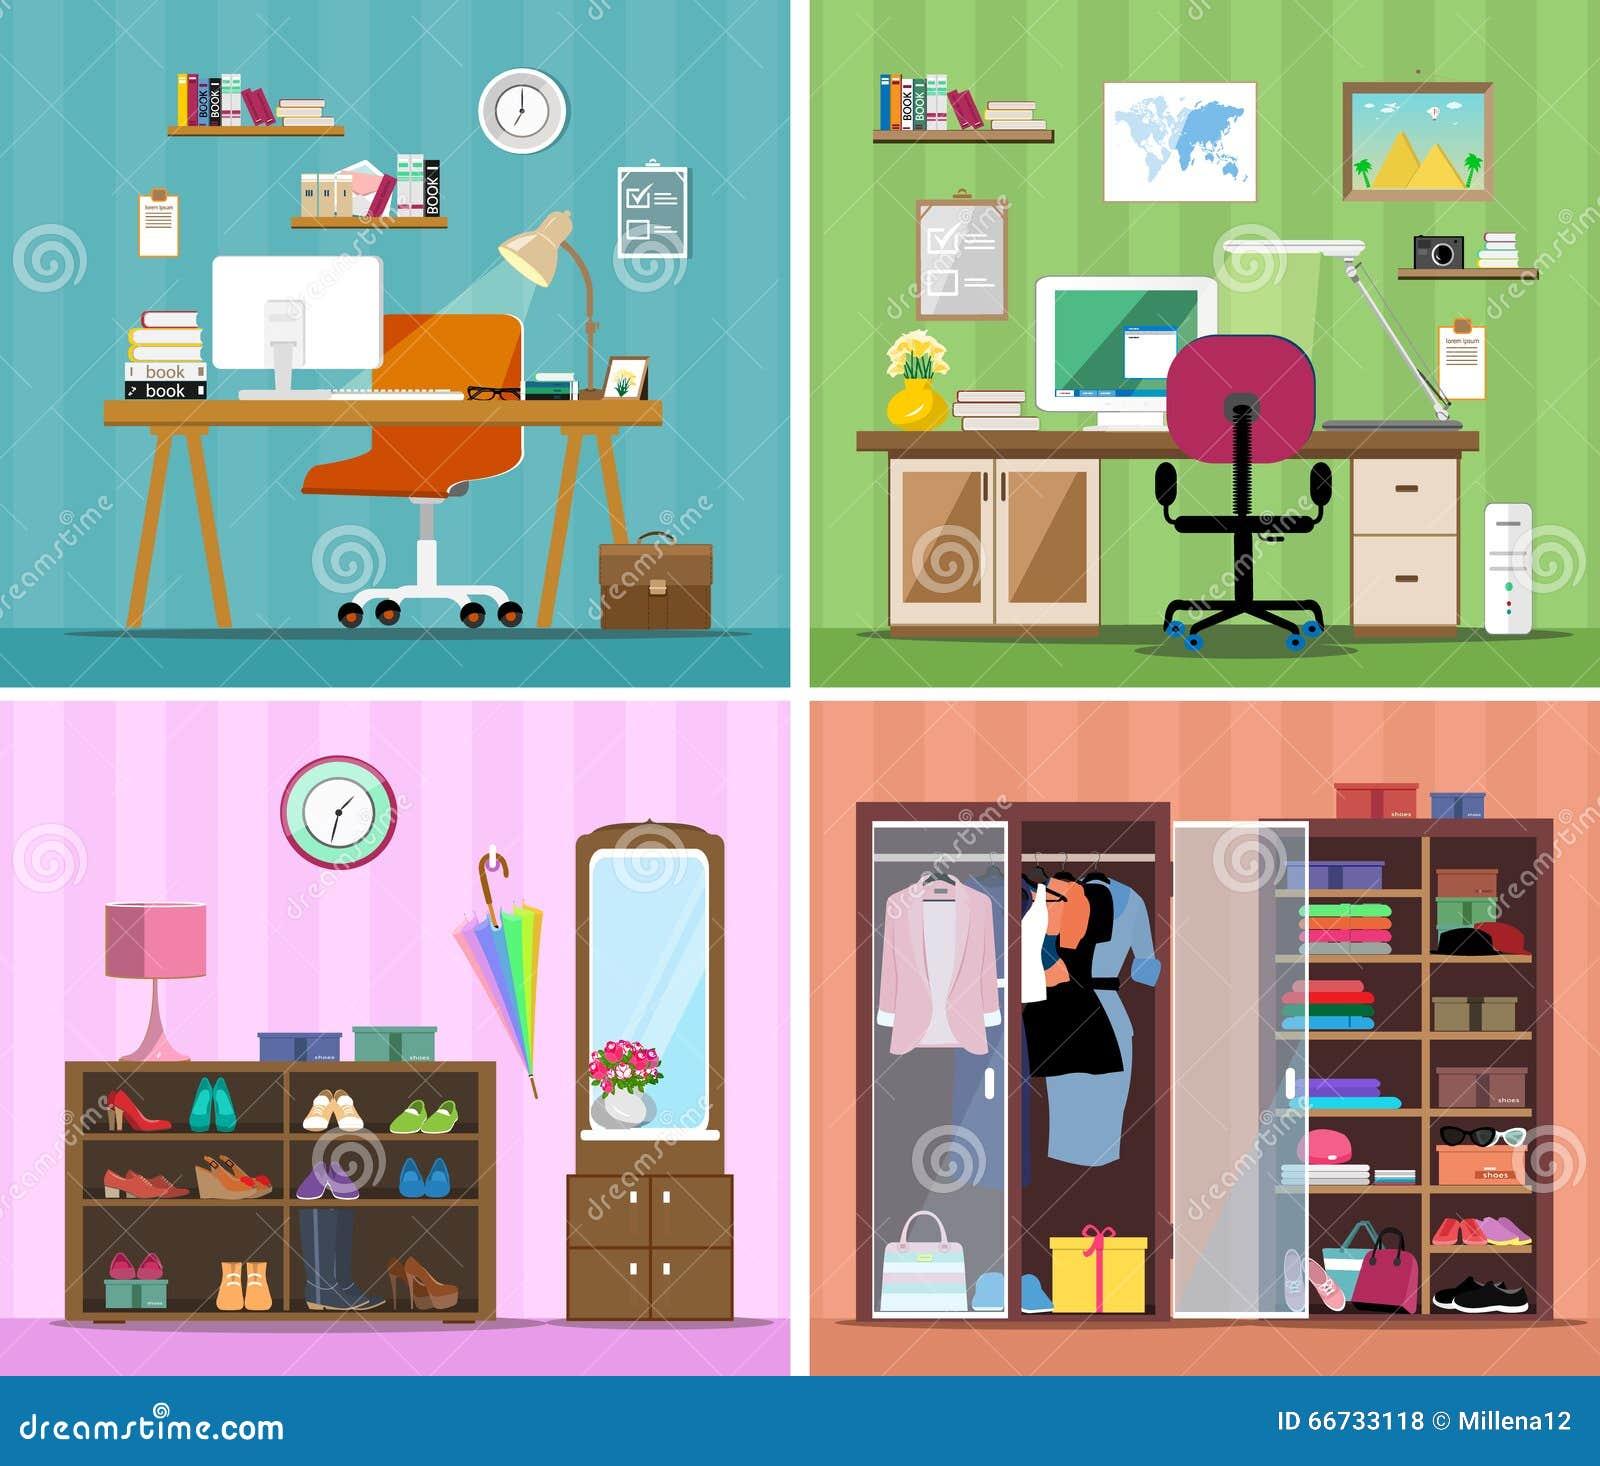 Satz Innenmodehausräume des bunten Vektors mit Möbelikonen: Arbeitsplatz mit Computer, modernes Innenministerium, Garderobe